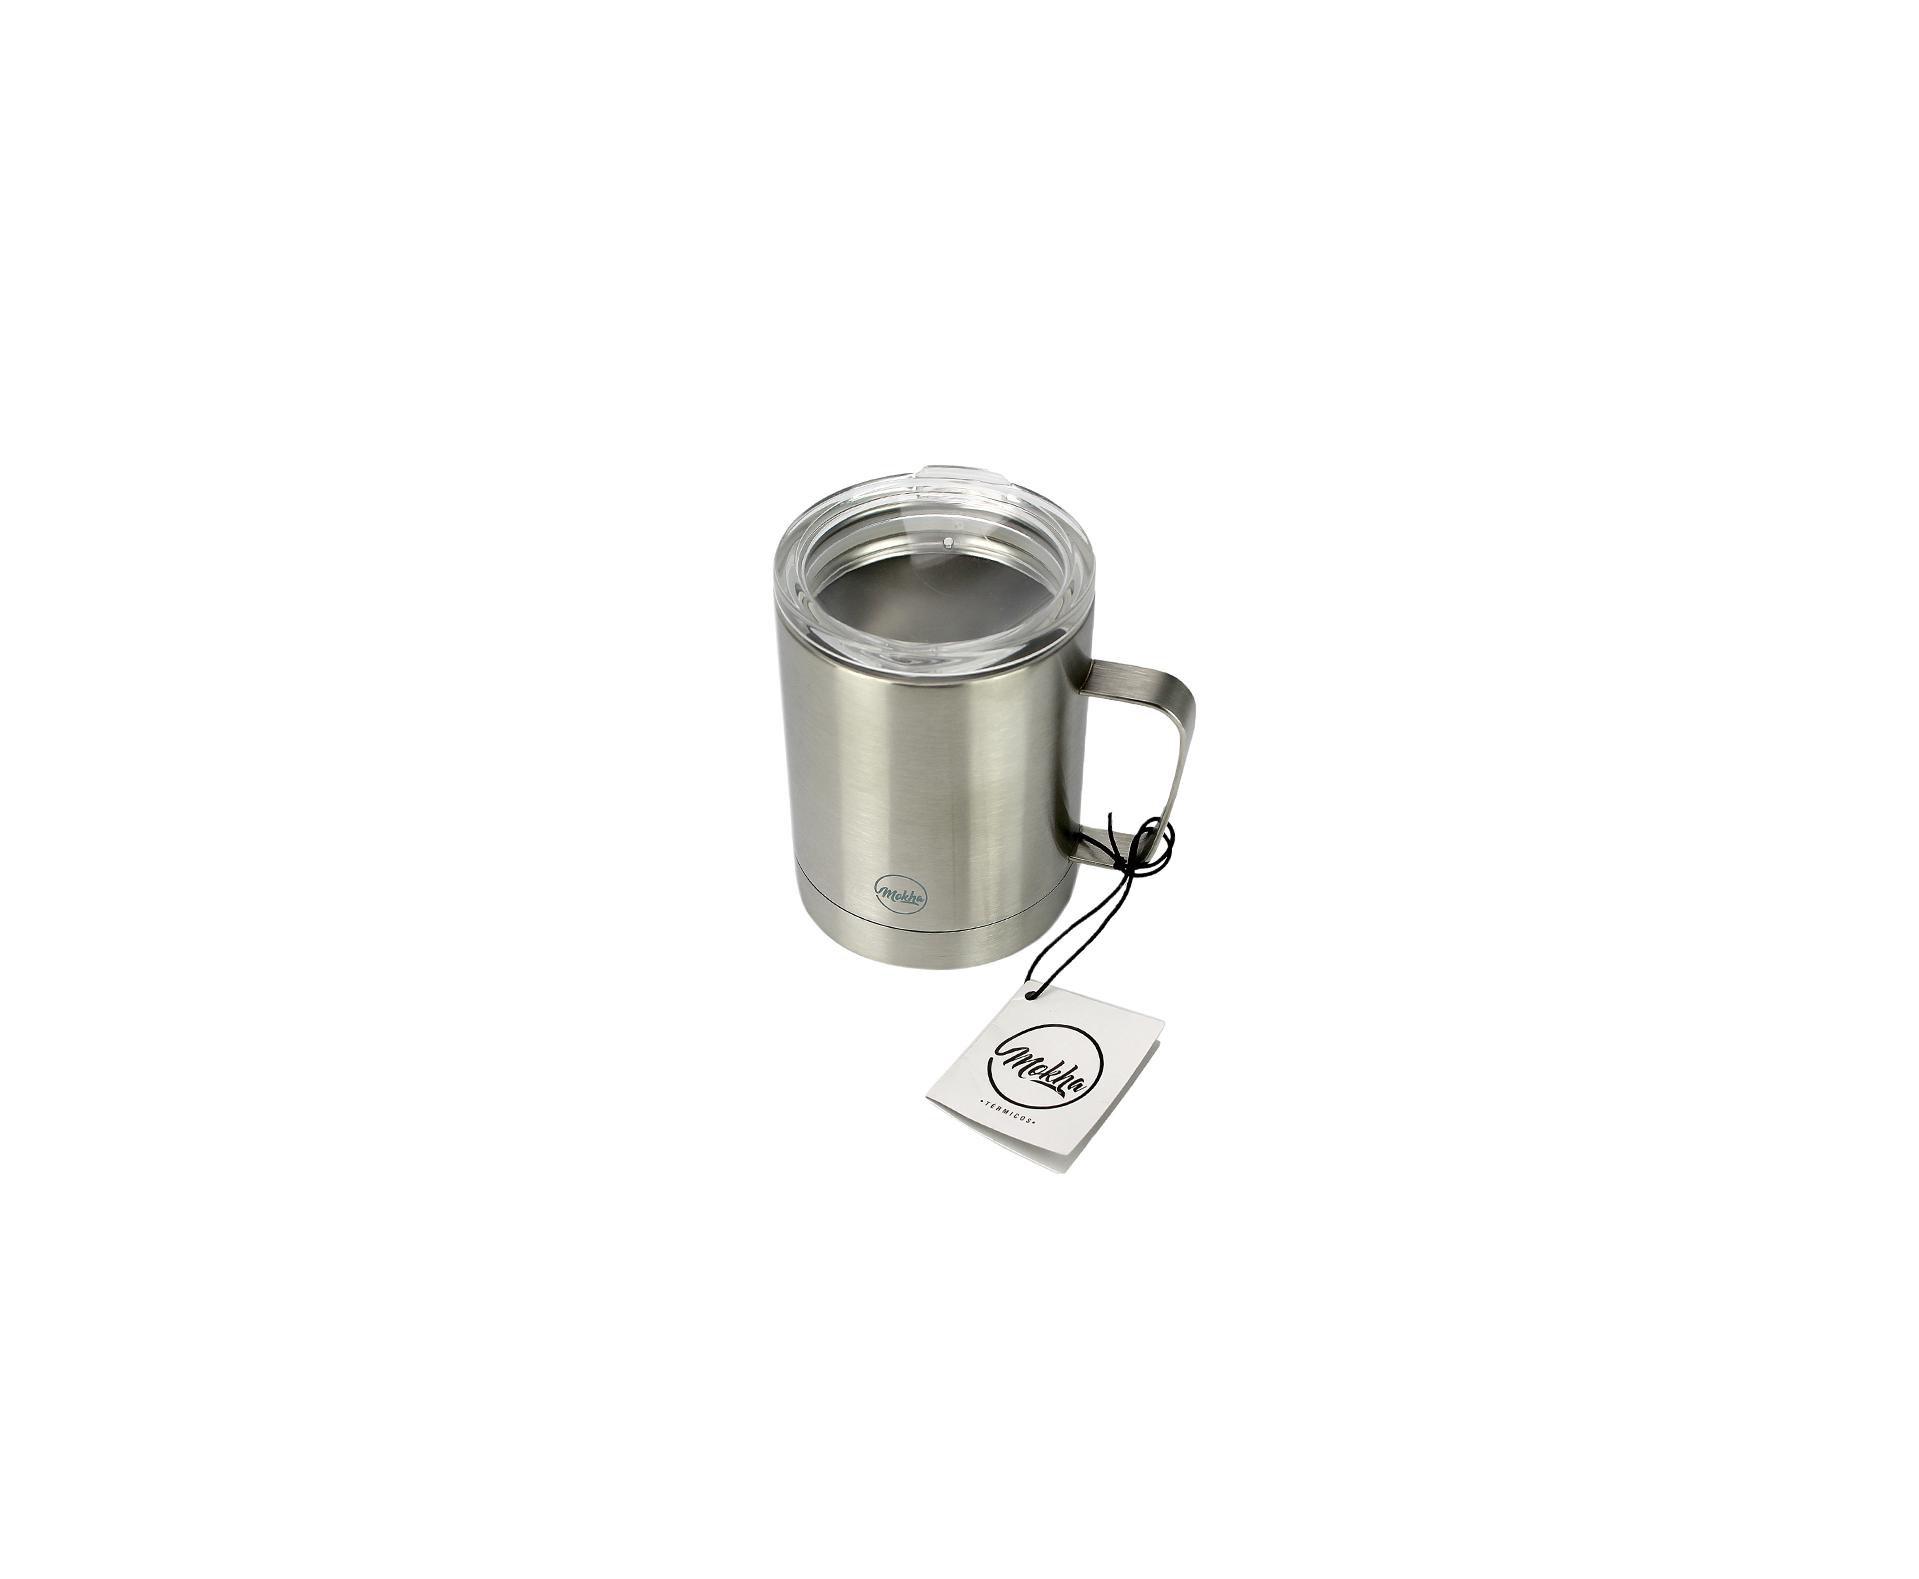 Caneca Térmica Mugy Inox 300ml Silver Cerveja Chopp Café - Mokha